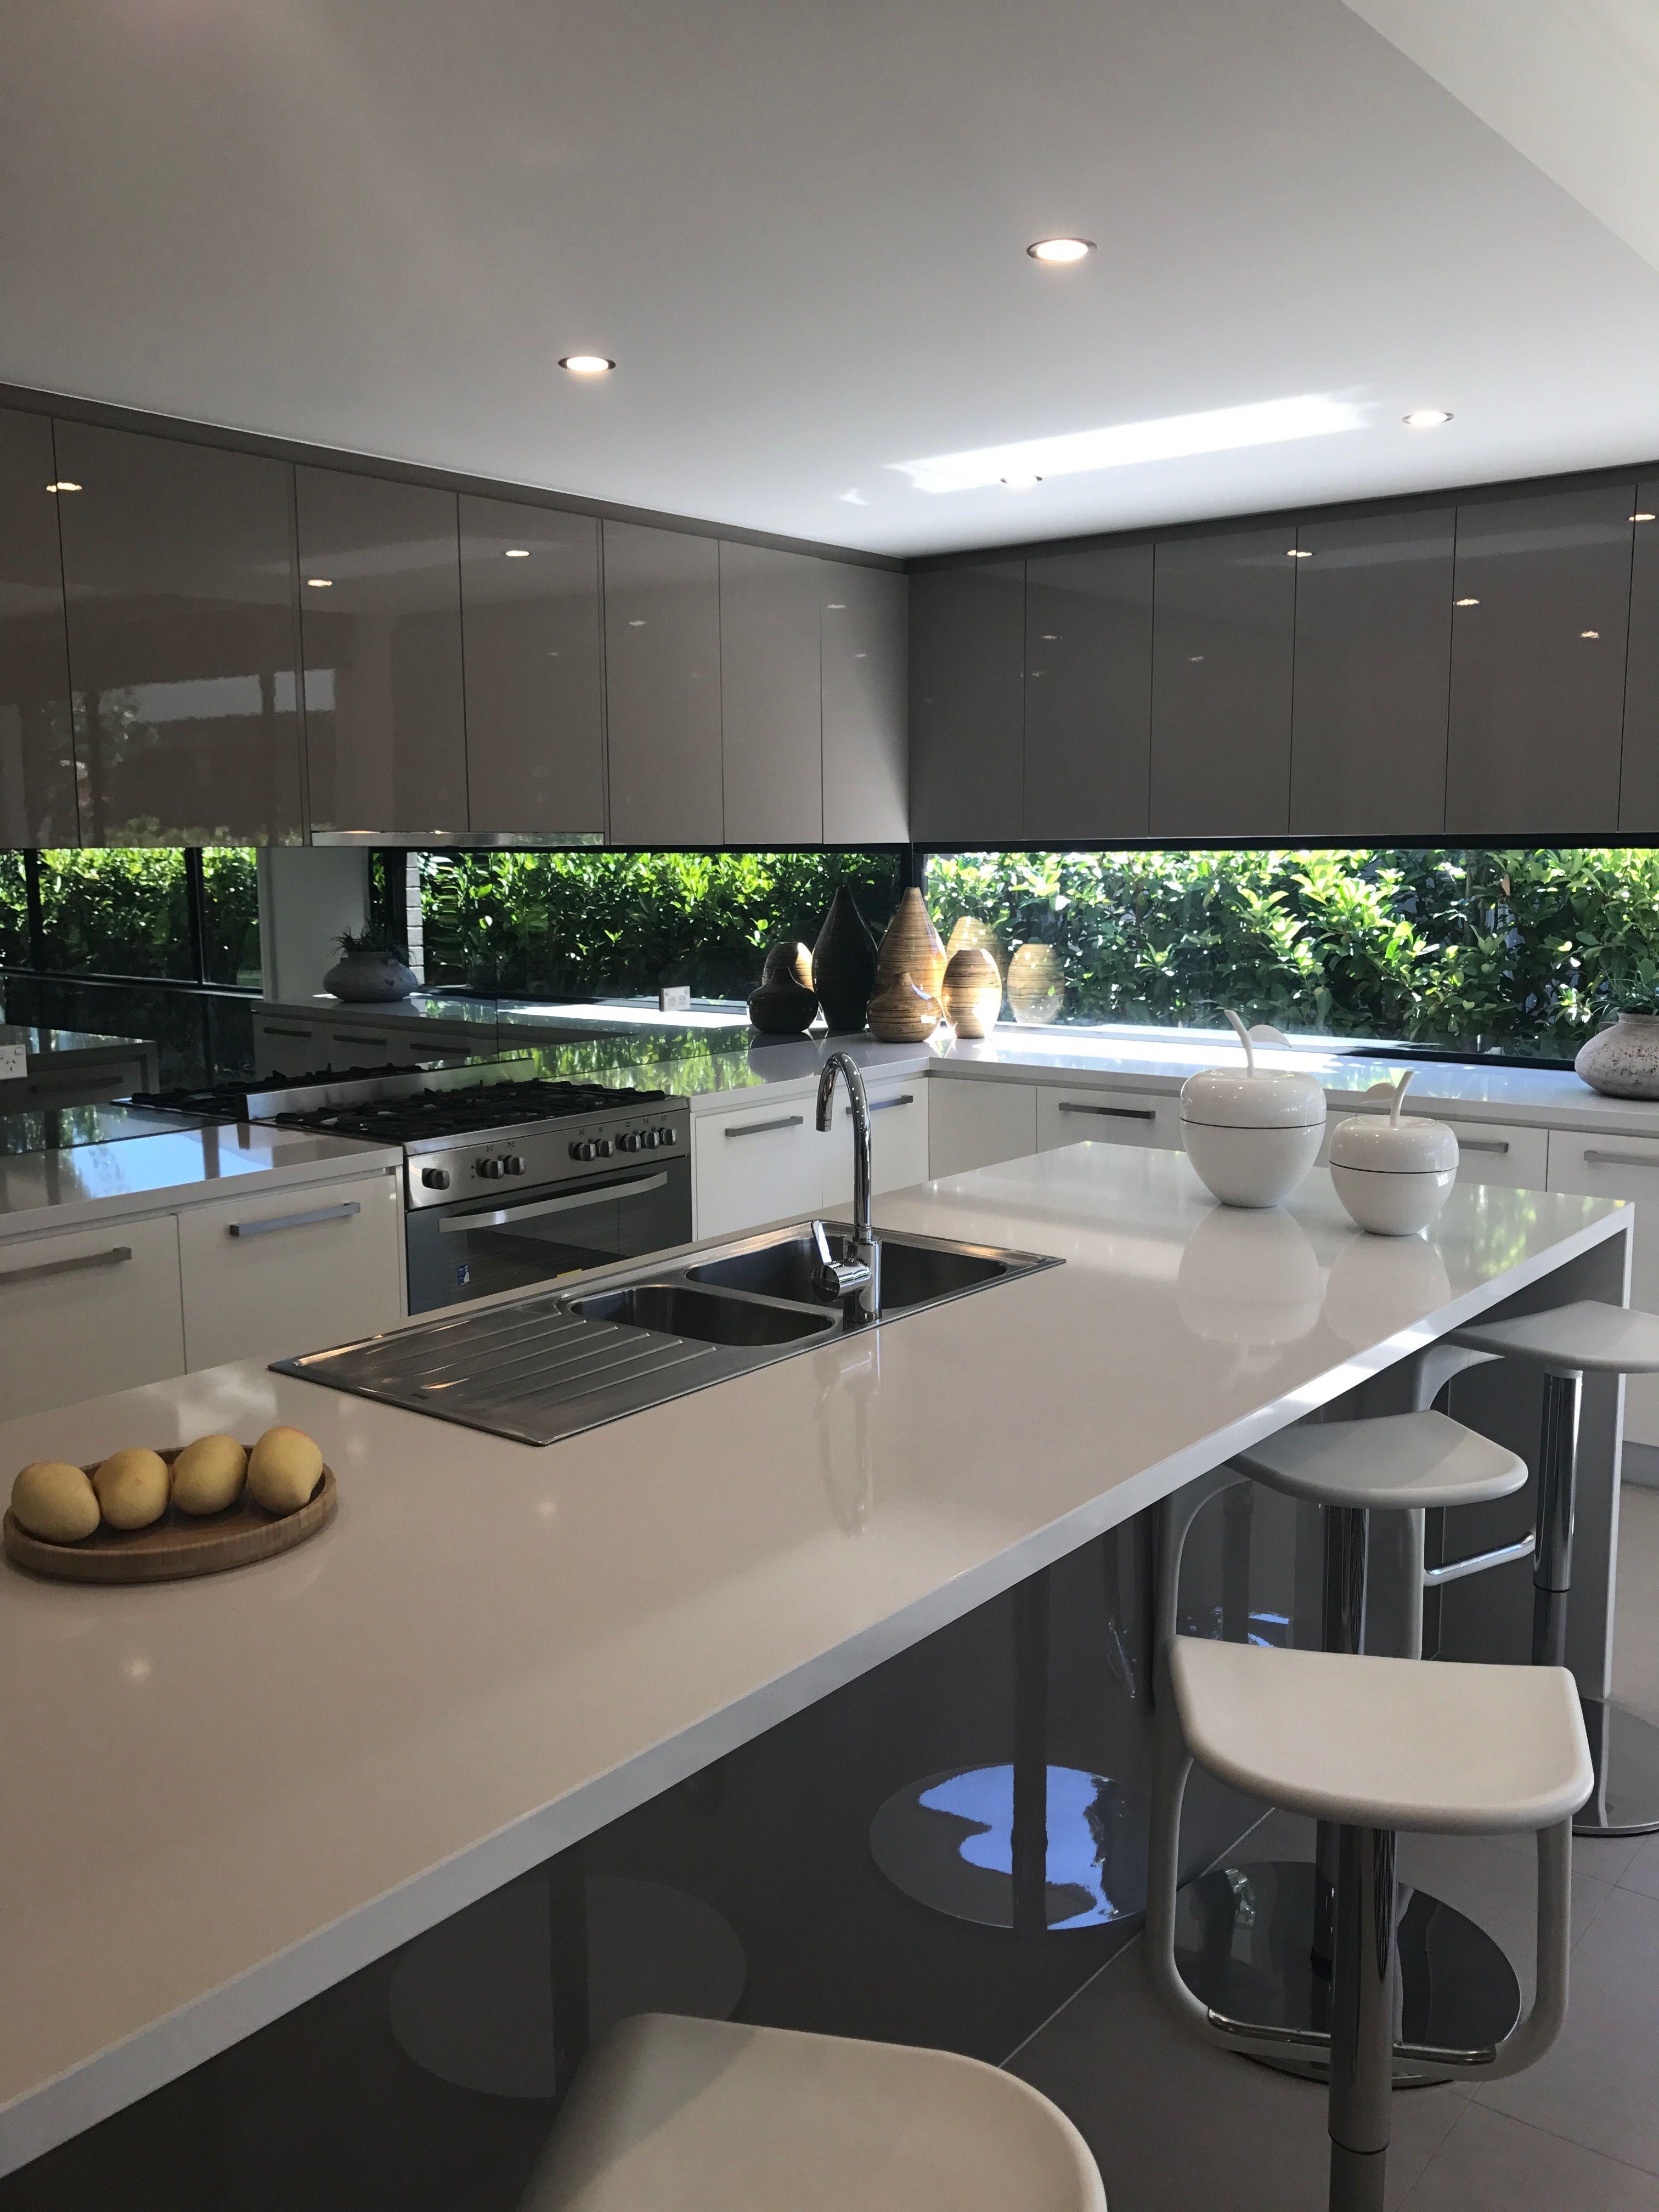 Fenetre  Cocinas de casa, Diseño cocinas modernas, Cocinas modernas